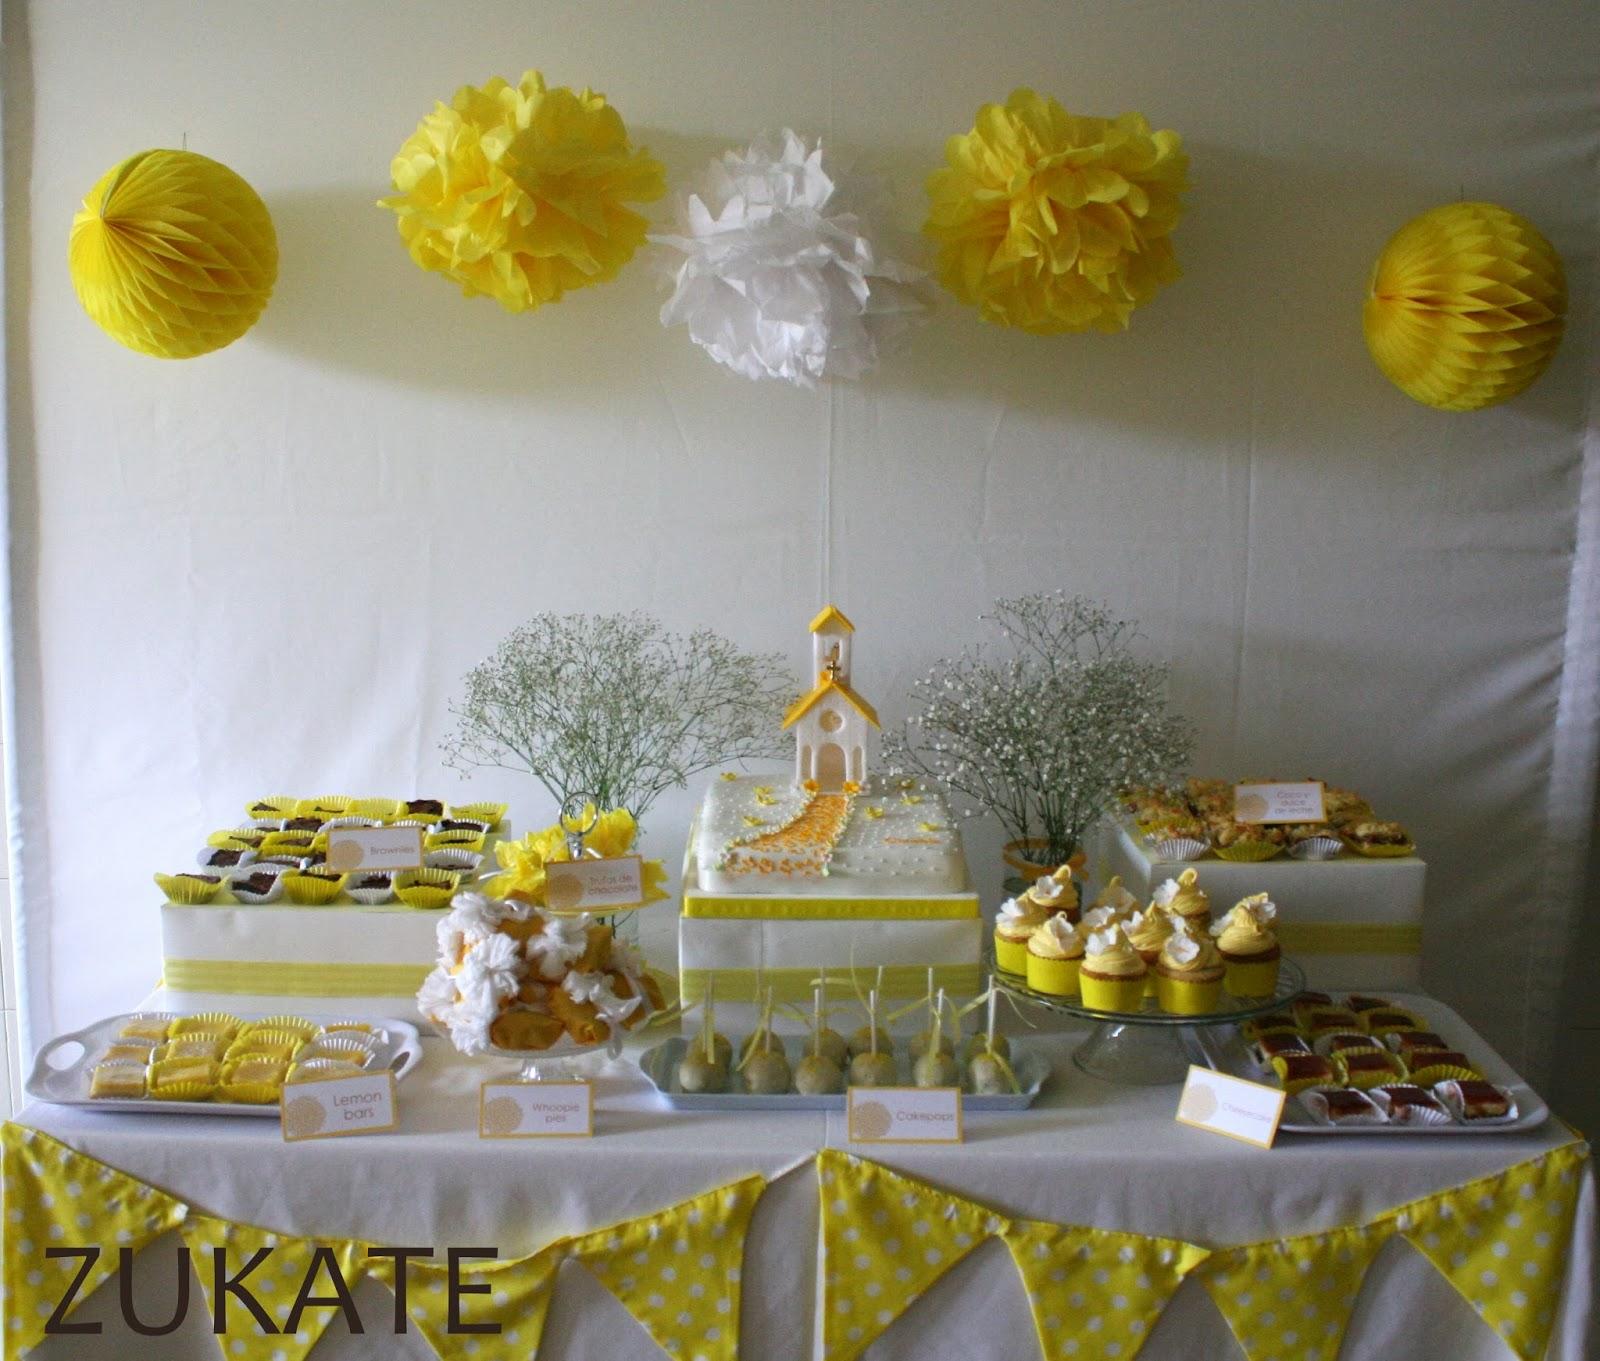 Fiesta de primera comuni n para cande zukate for Fiestas comunion decoracion